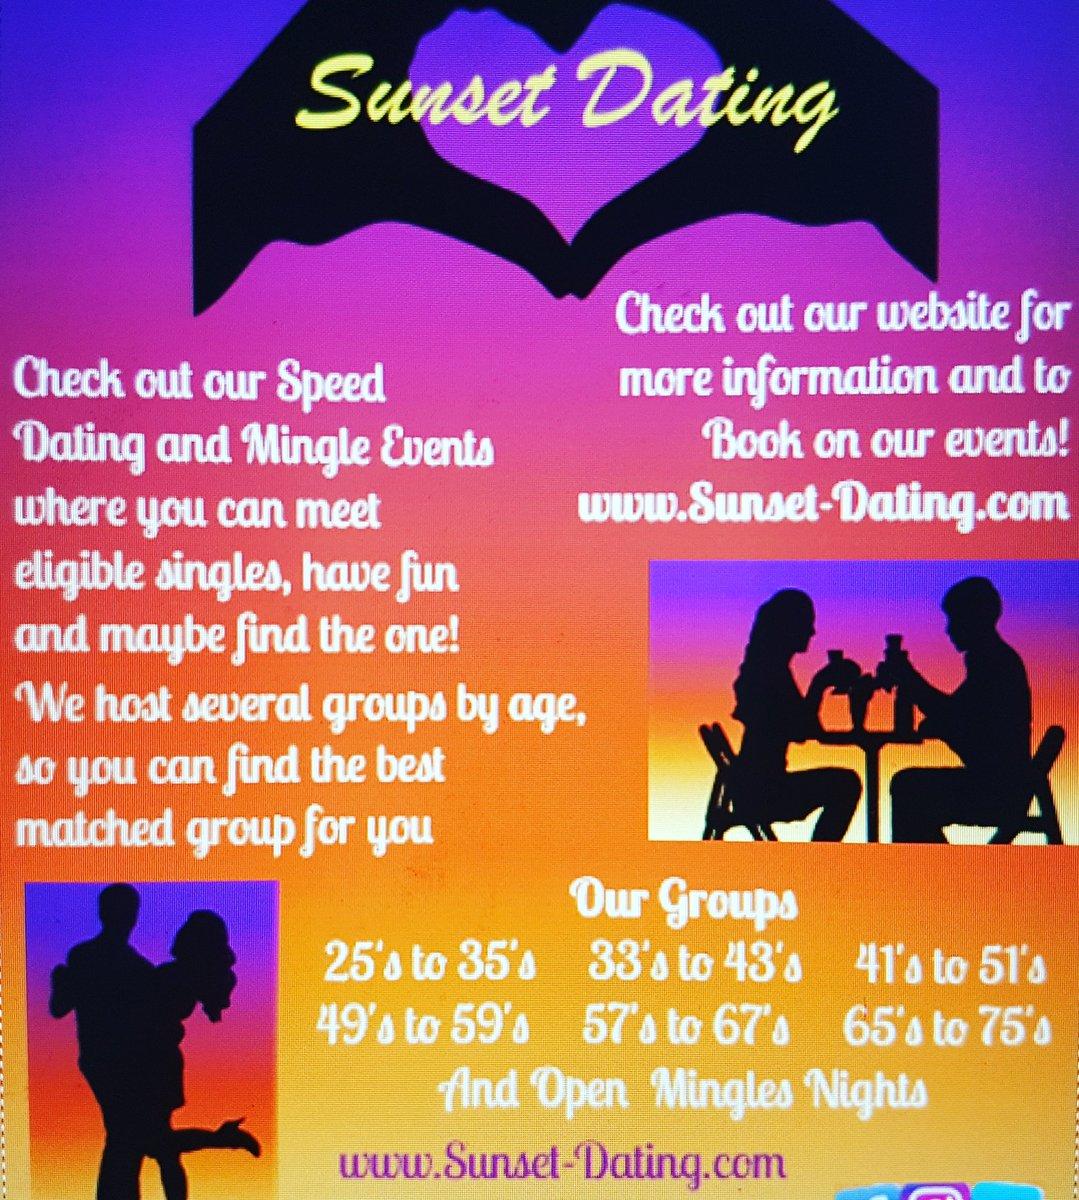 mest populære dating-nettsteder i USA